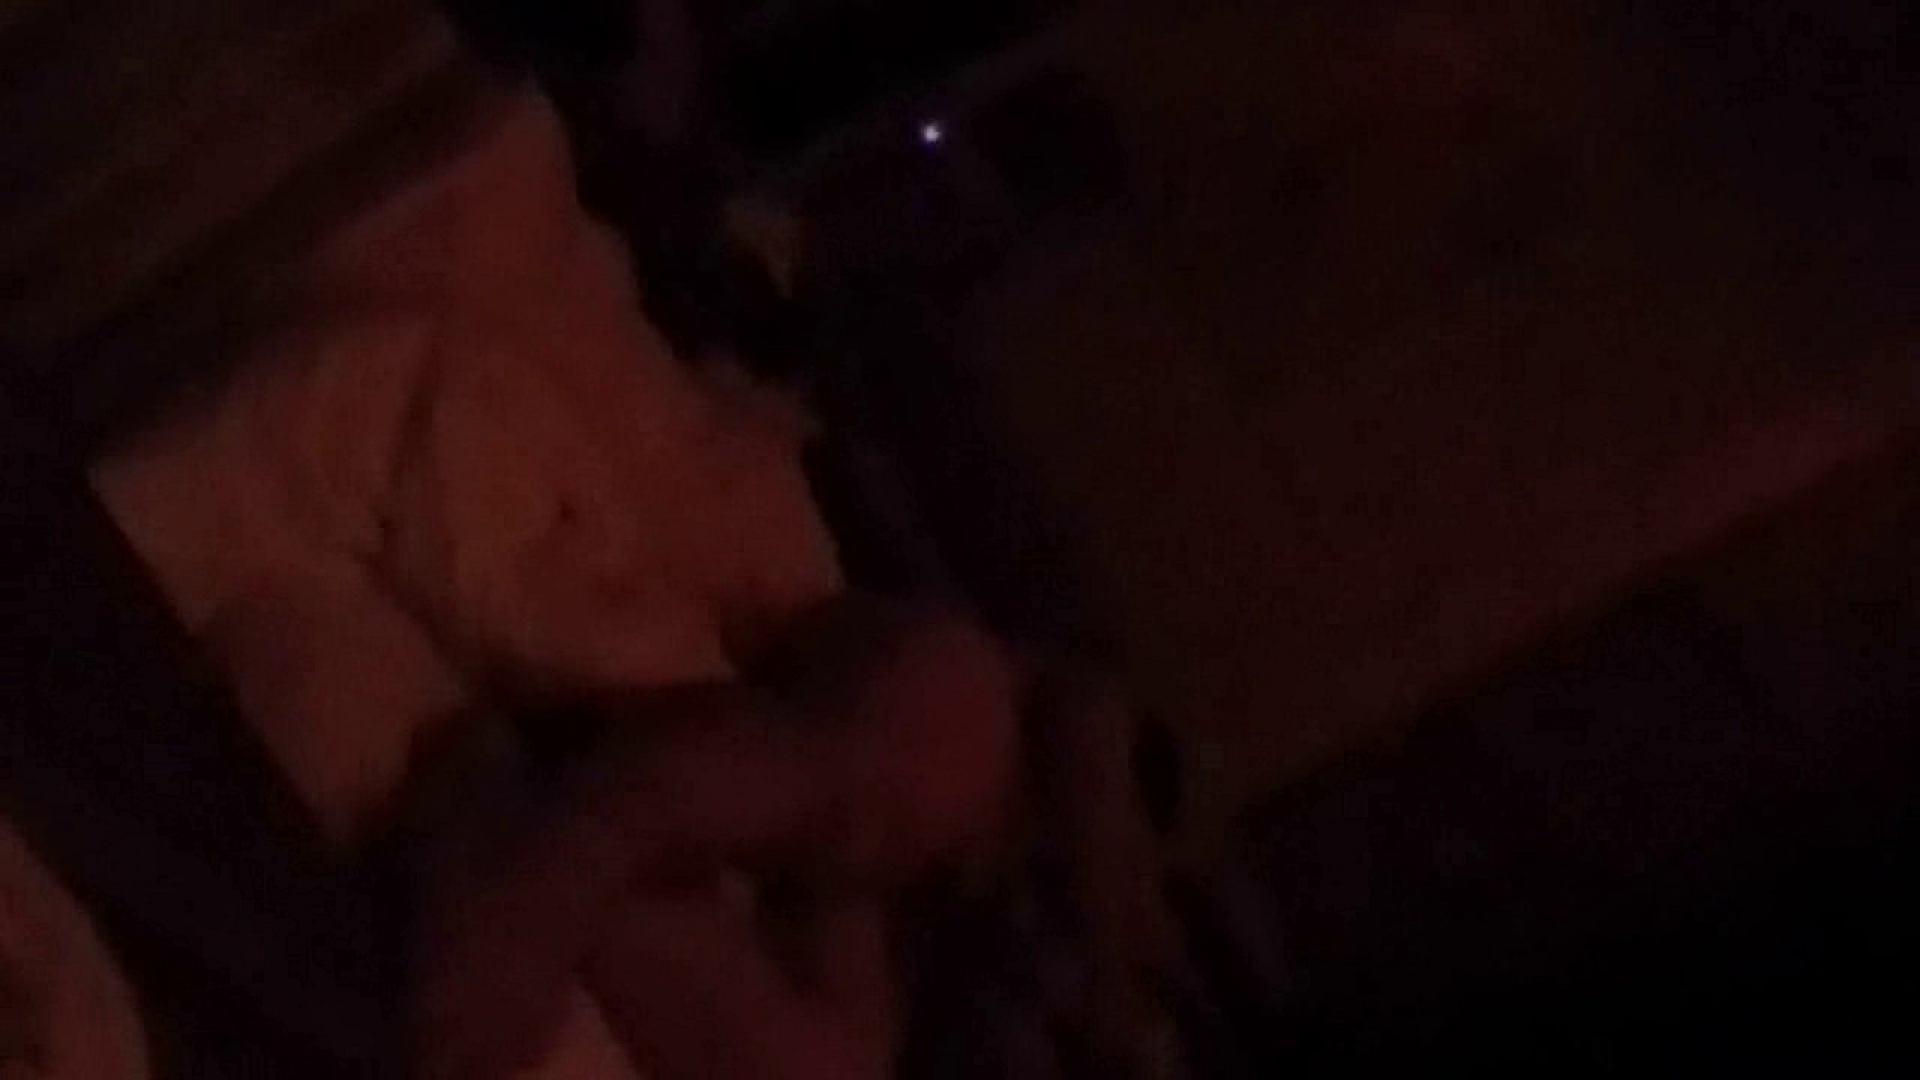 身内撮り!自宅内隠し撮りシリーズ Vol.04 盛合せ オマンコ無修正動画無料 65画像 15